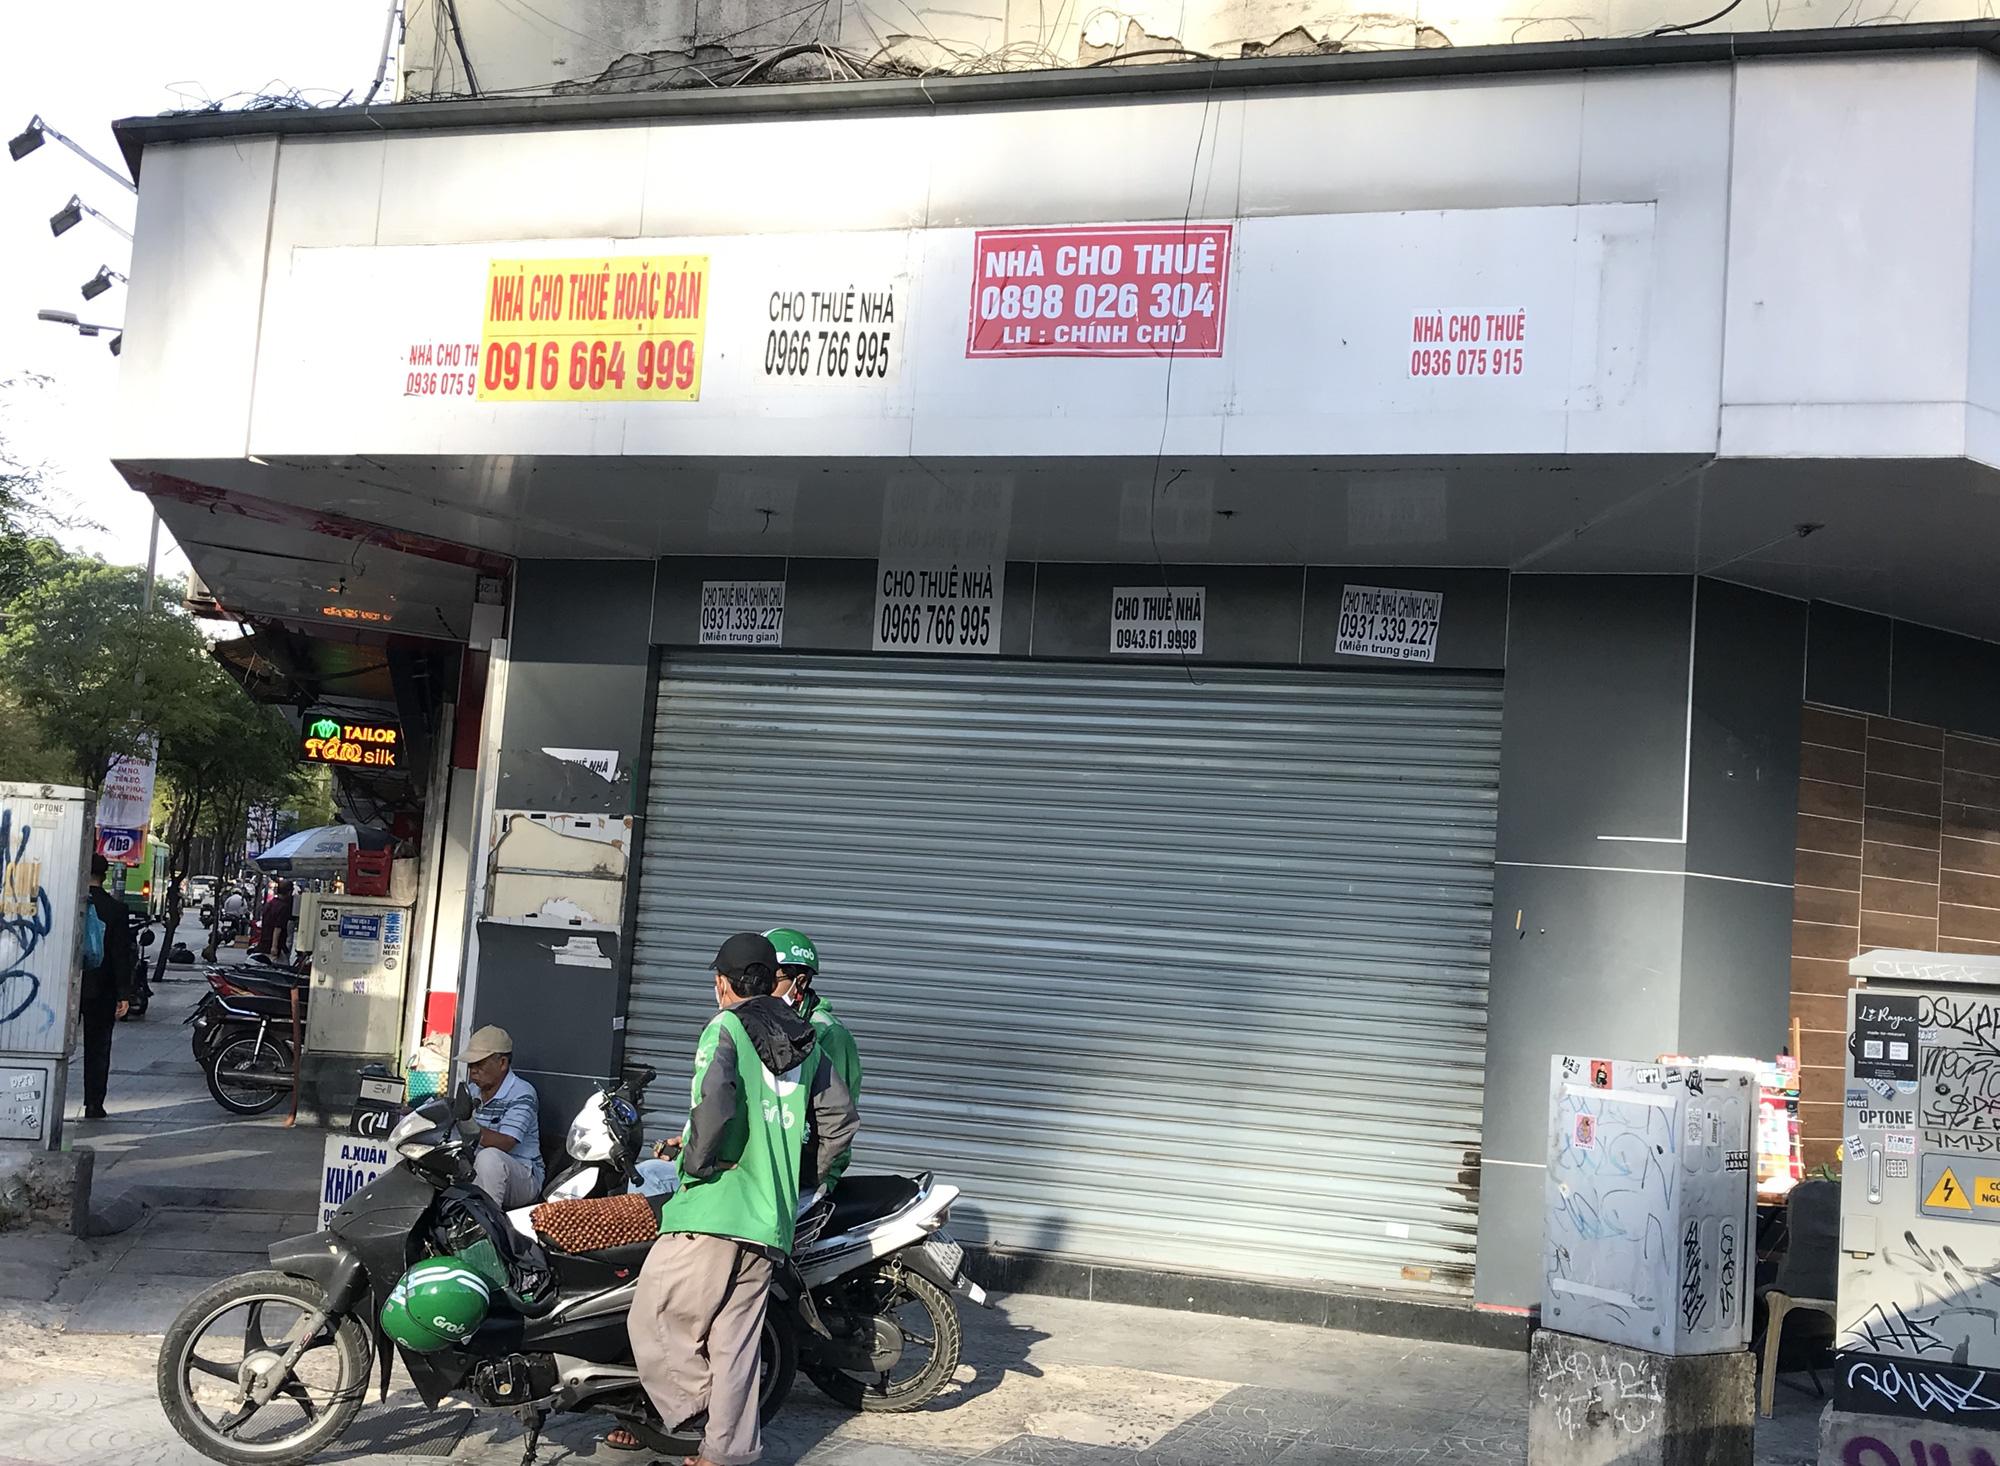 Hình ảnh loạt cửa hàng Toocha, sữa đậu nành Mr Bean của Shark Thủy, thậm chí 7-Eleven cũng đóng cửa vì Covid-19 - Ảnh 15.